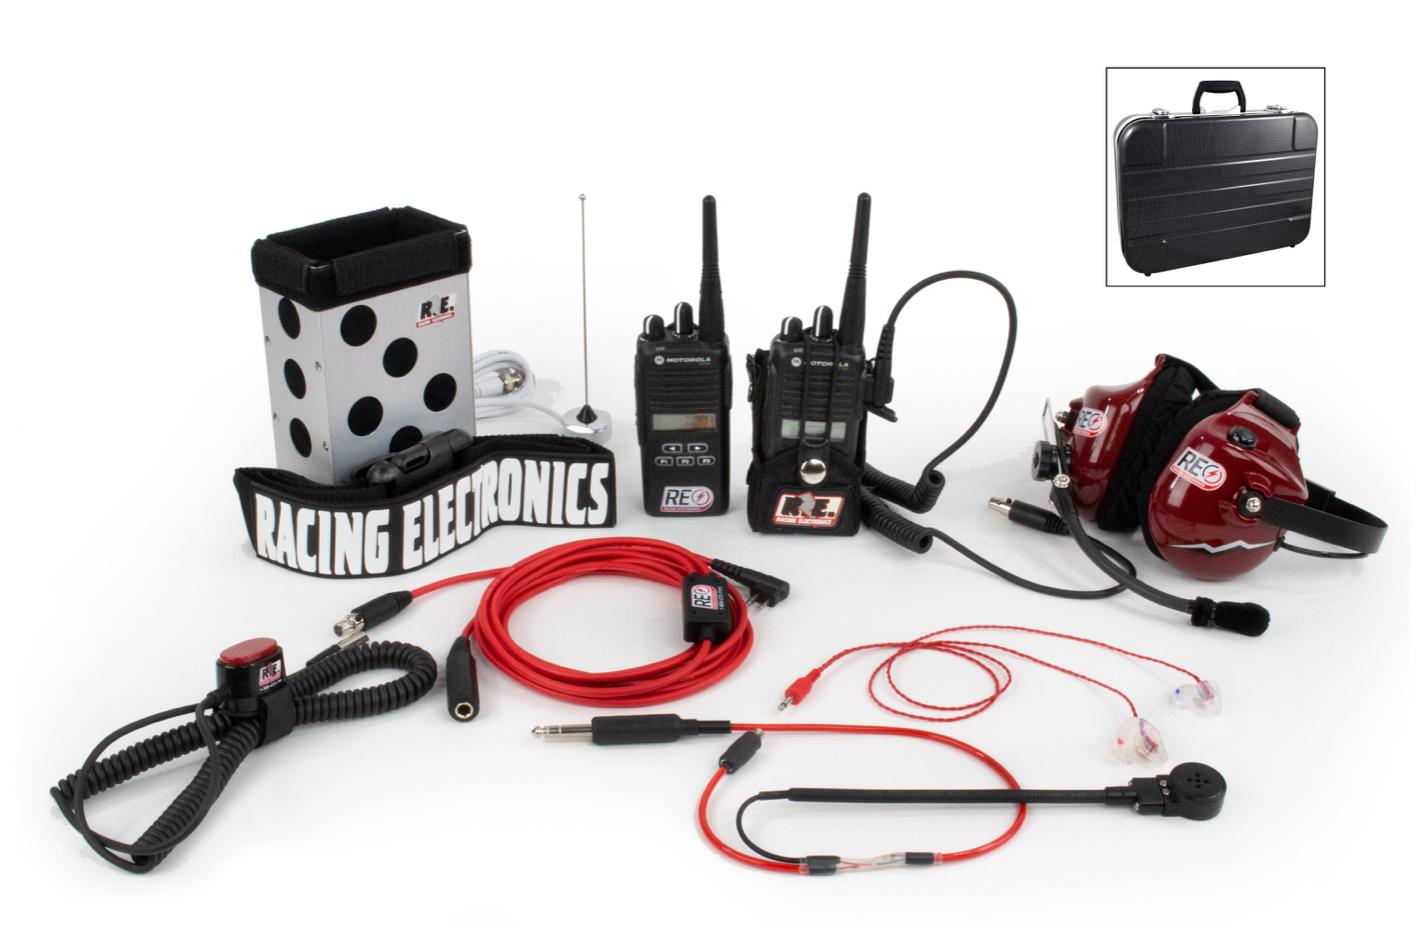 Racing Electronics Chase 2 Way Radio Kit Motorola CP185